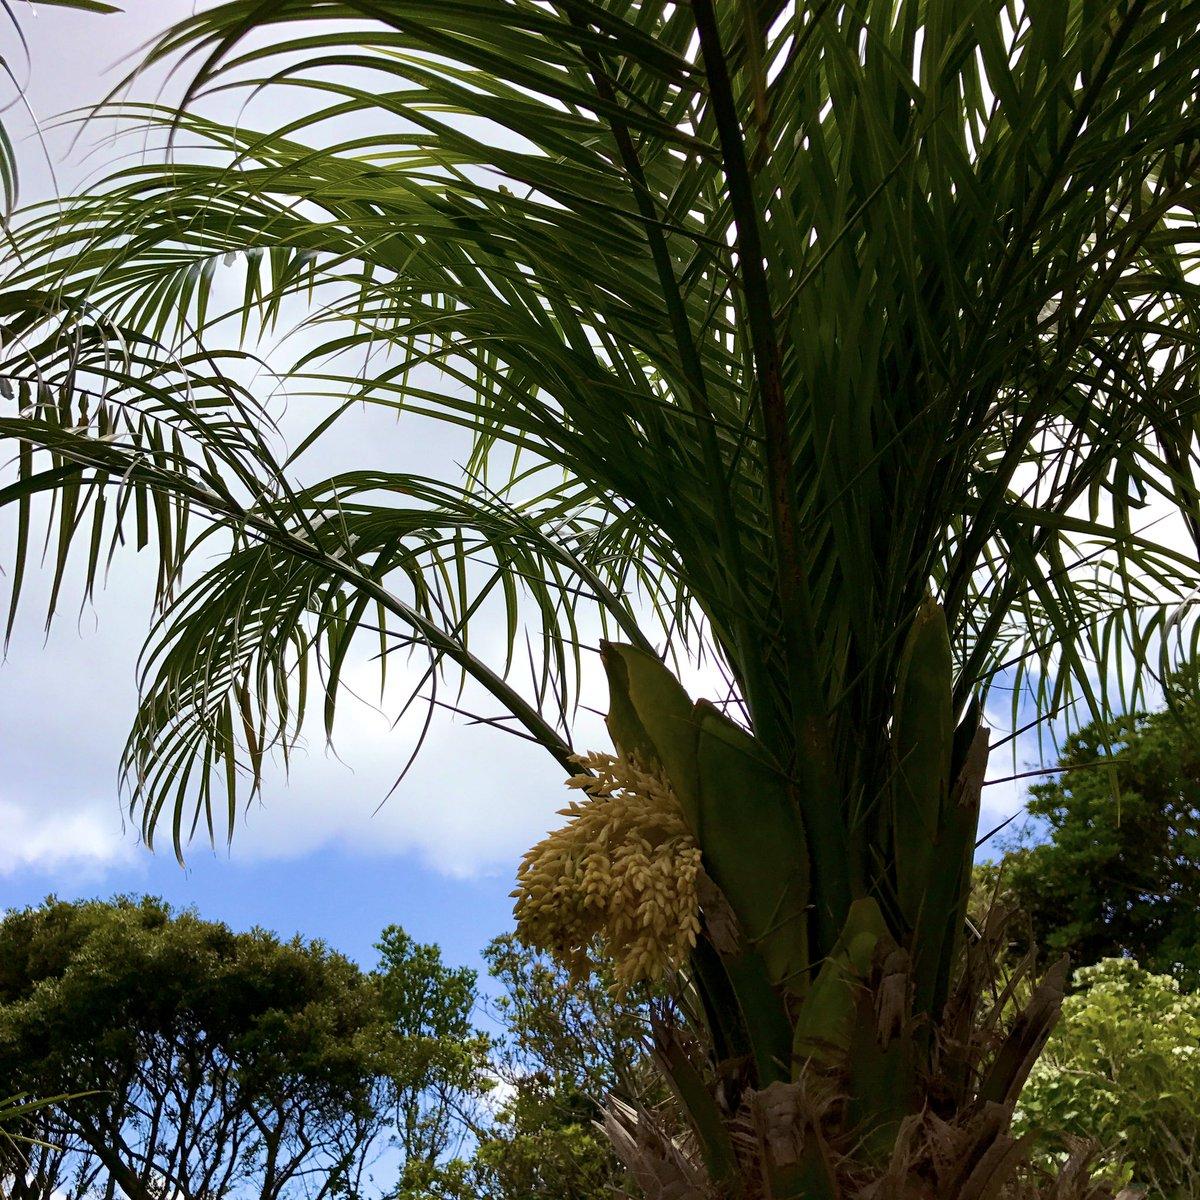 """Ņ«ä¸ˆå³¶ã®åœ'芸 V Twitter Ä»Šå¹´ã¯ç©ºæ¢…雨なのか Ä»Šæ—¥ã''いいお天気でした Ǩ²ç©'のように見えるのはフェニックス íベレニー ·ンノウヤシ Á®èŠ± íベは八丈島を代表する園芸作物で Áã®è'‰ã''切って切り葉として出荷しています Æªã""""と鉢上げして観葉植物になるものも"""